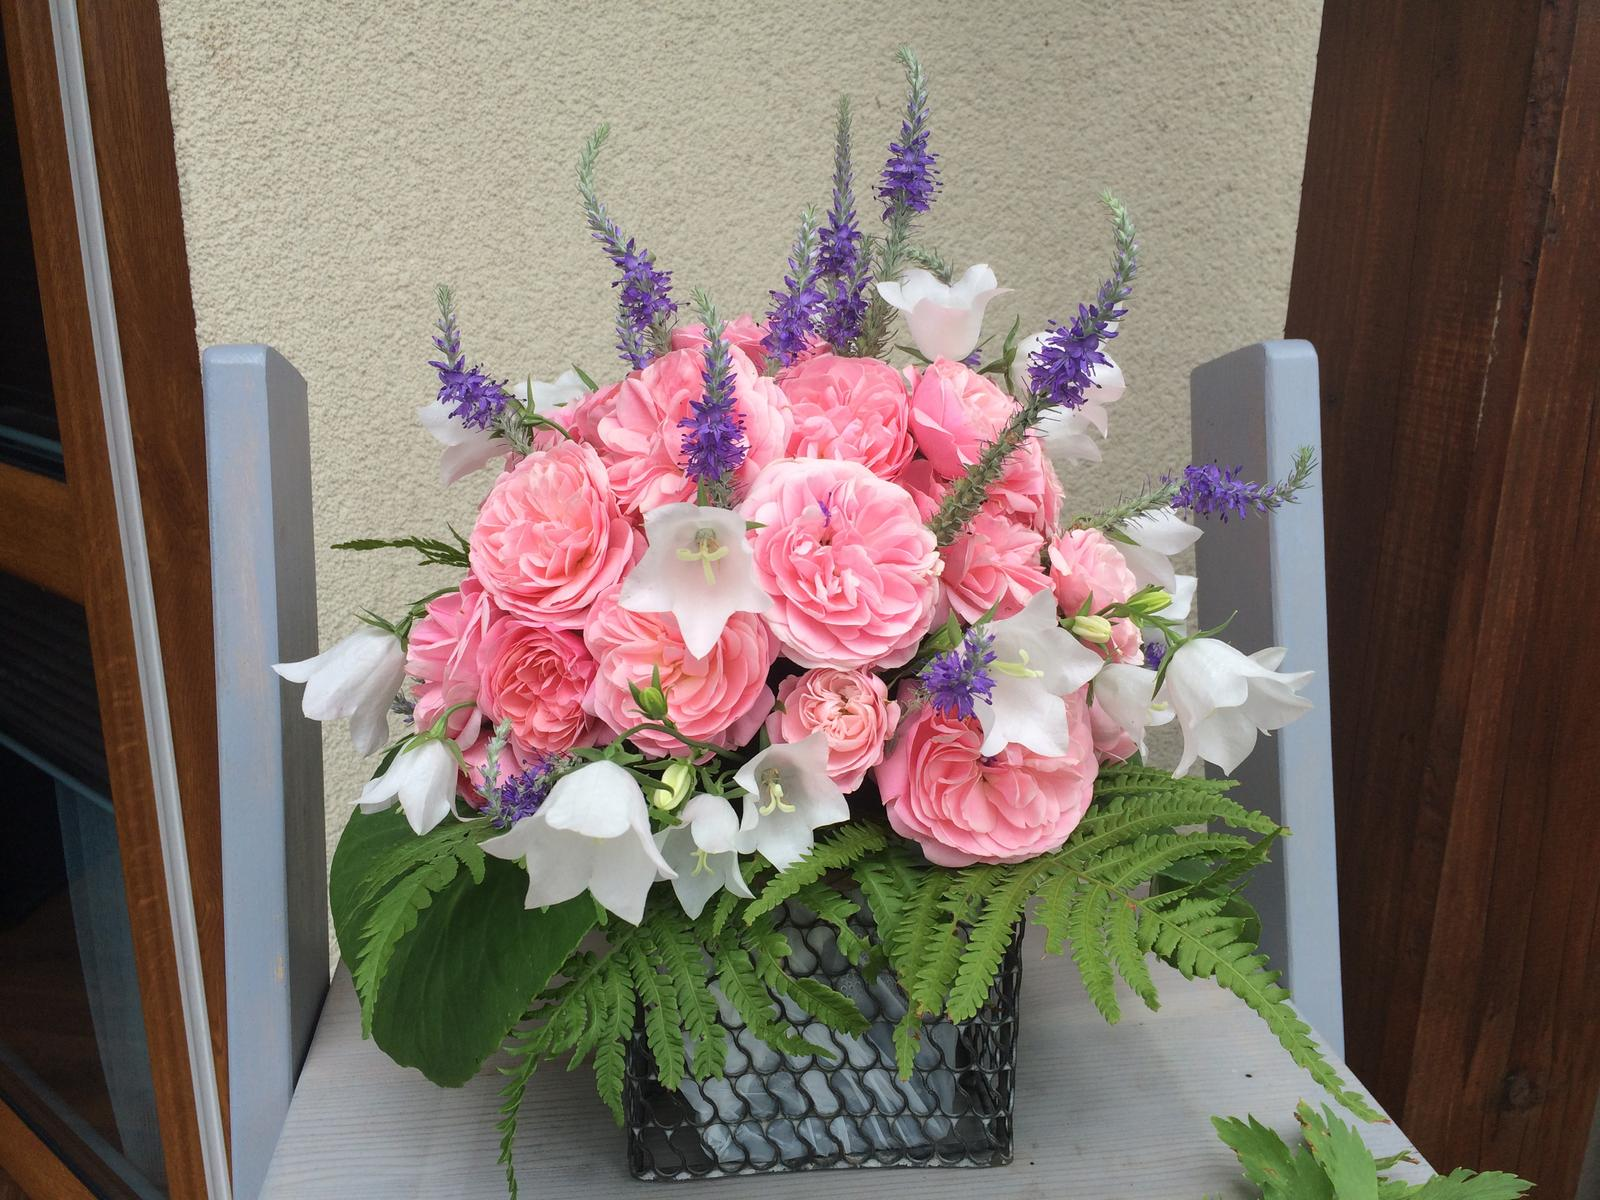 Dekorace z květin Pro radost - veronica, růže, zvonky, pérovec a bergenie